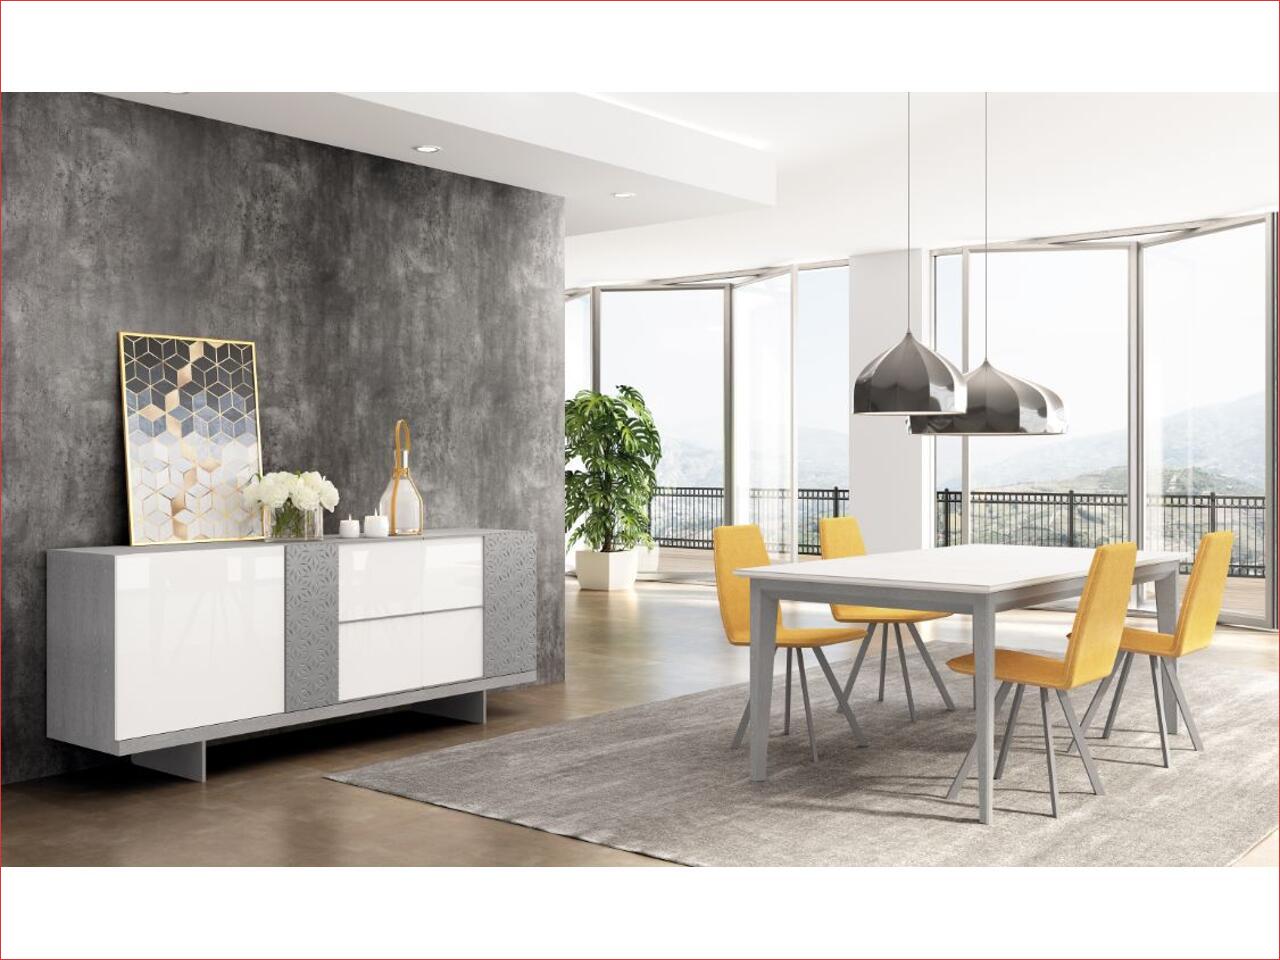 meubles sourice nouveau produits de meubles sourice a moncoutant sur sevre page 1 de meubles sourice